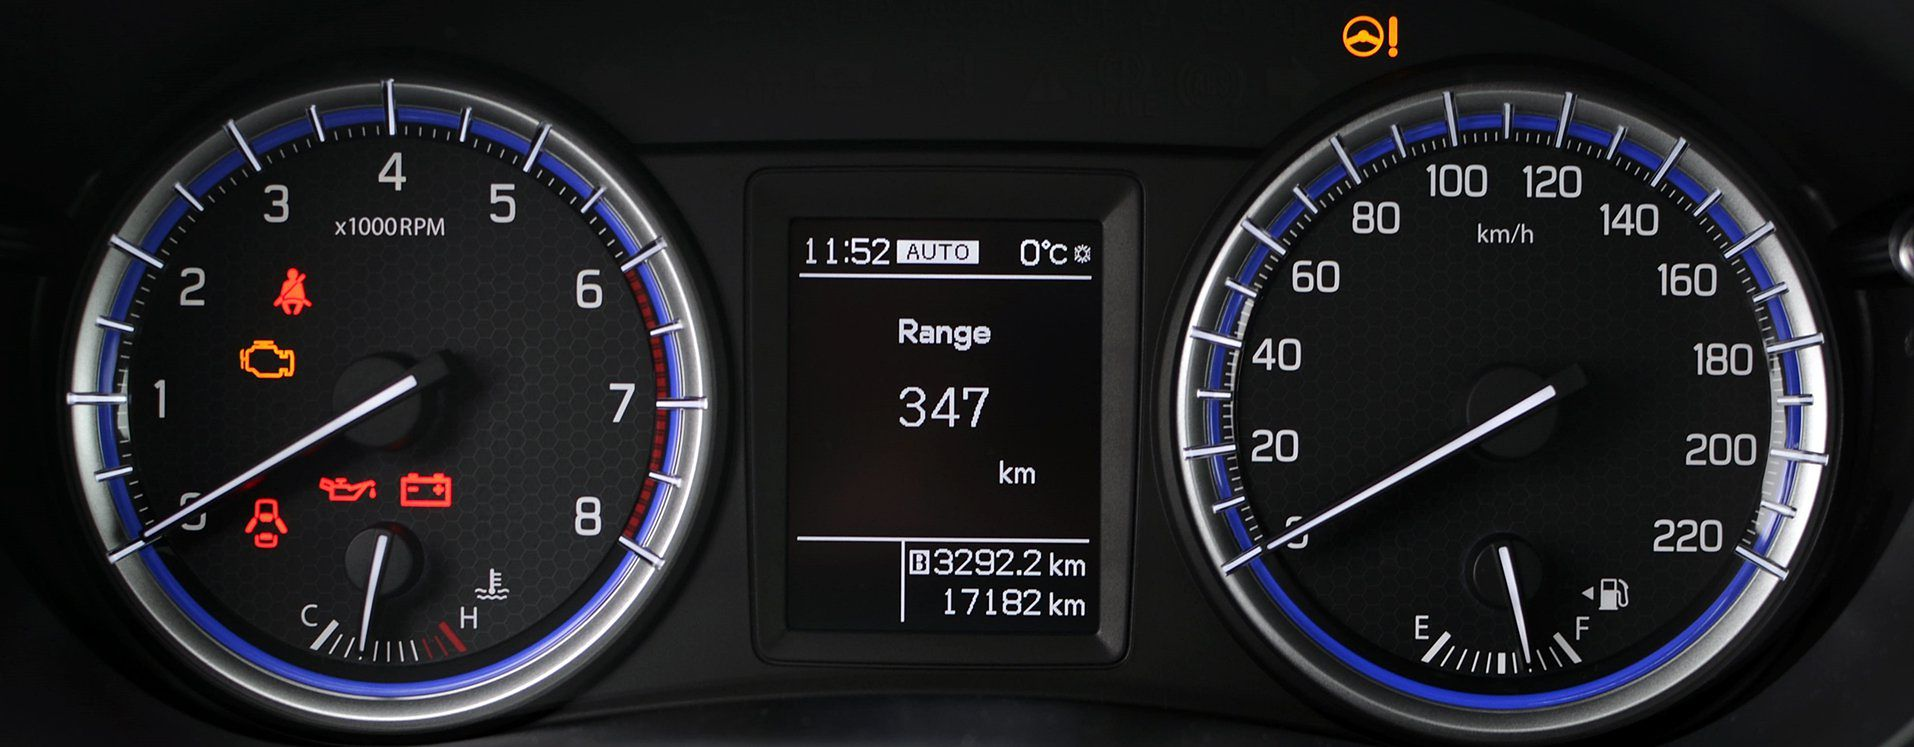 Bmw E90 Kontrolki Opis